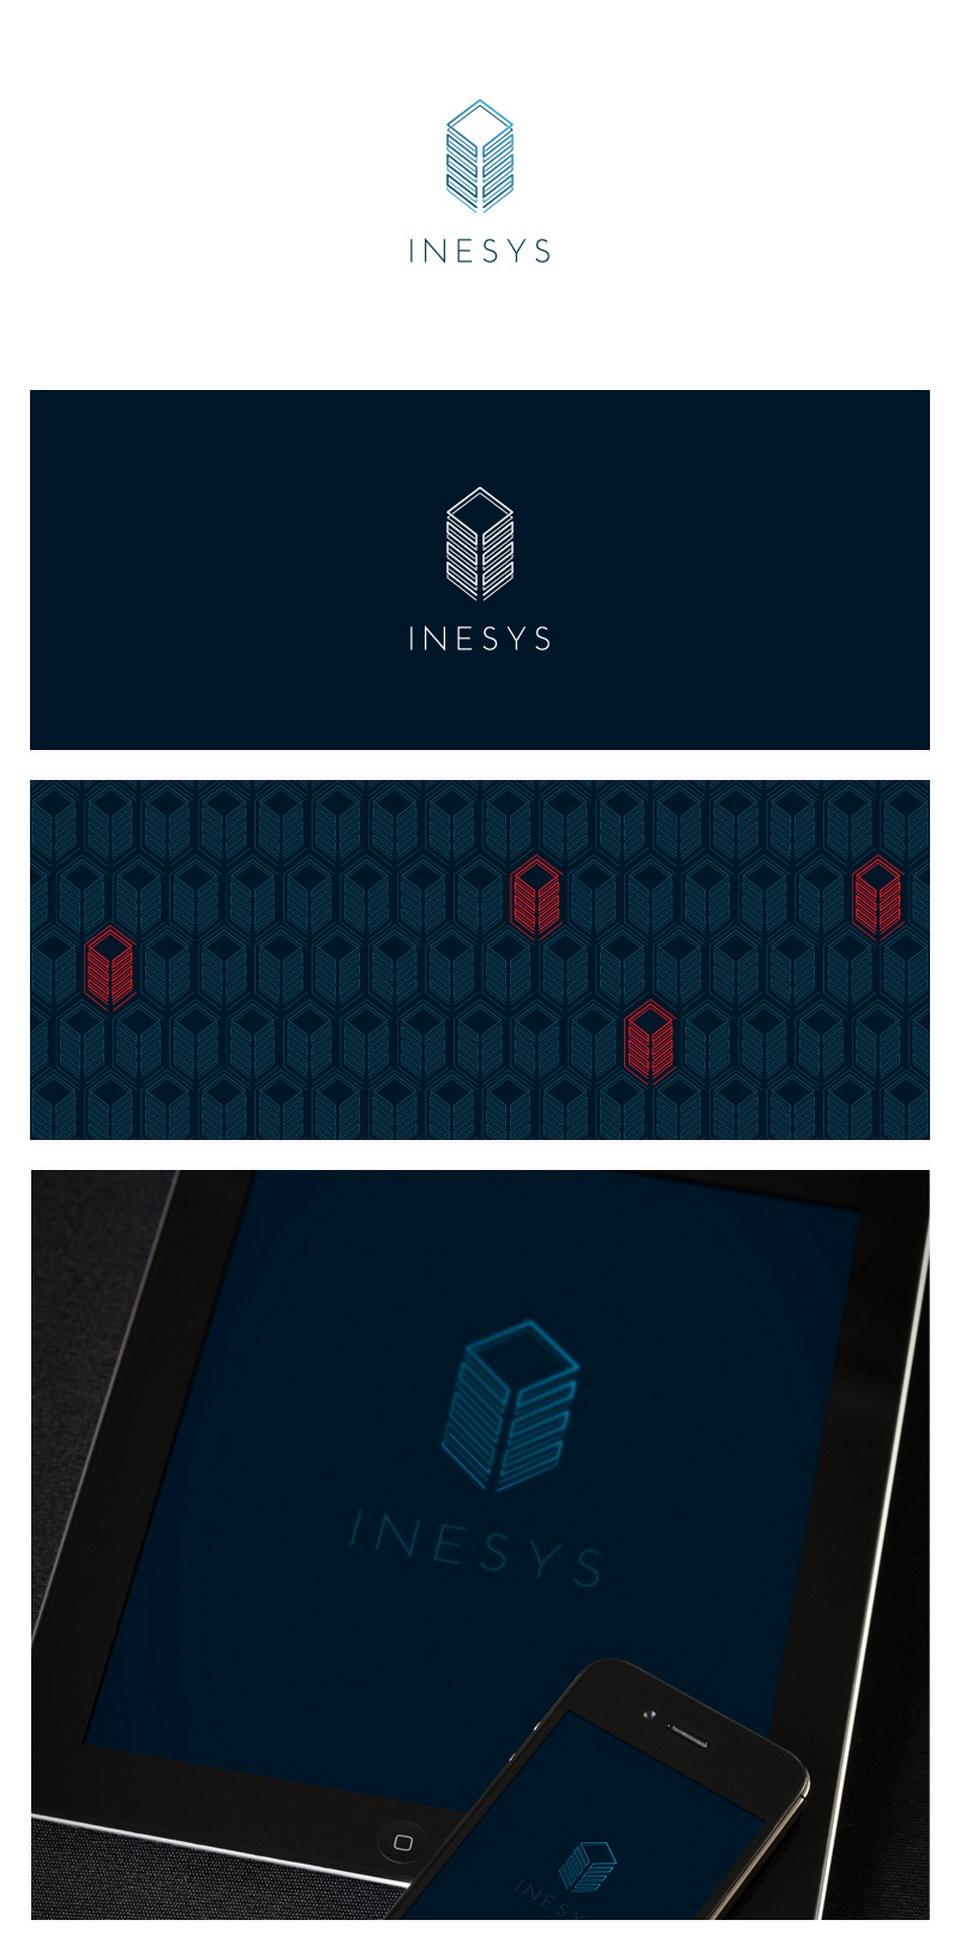 Айдентика бренда - логотип фирменный стиль ИНЭСИС INESYS